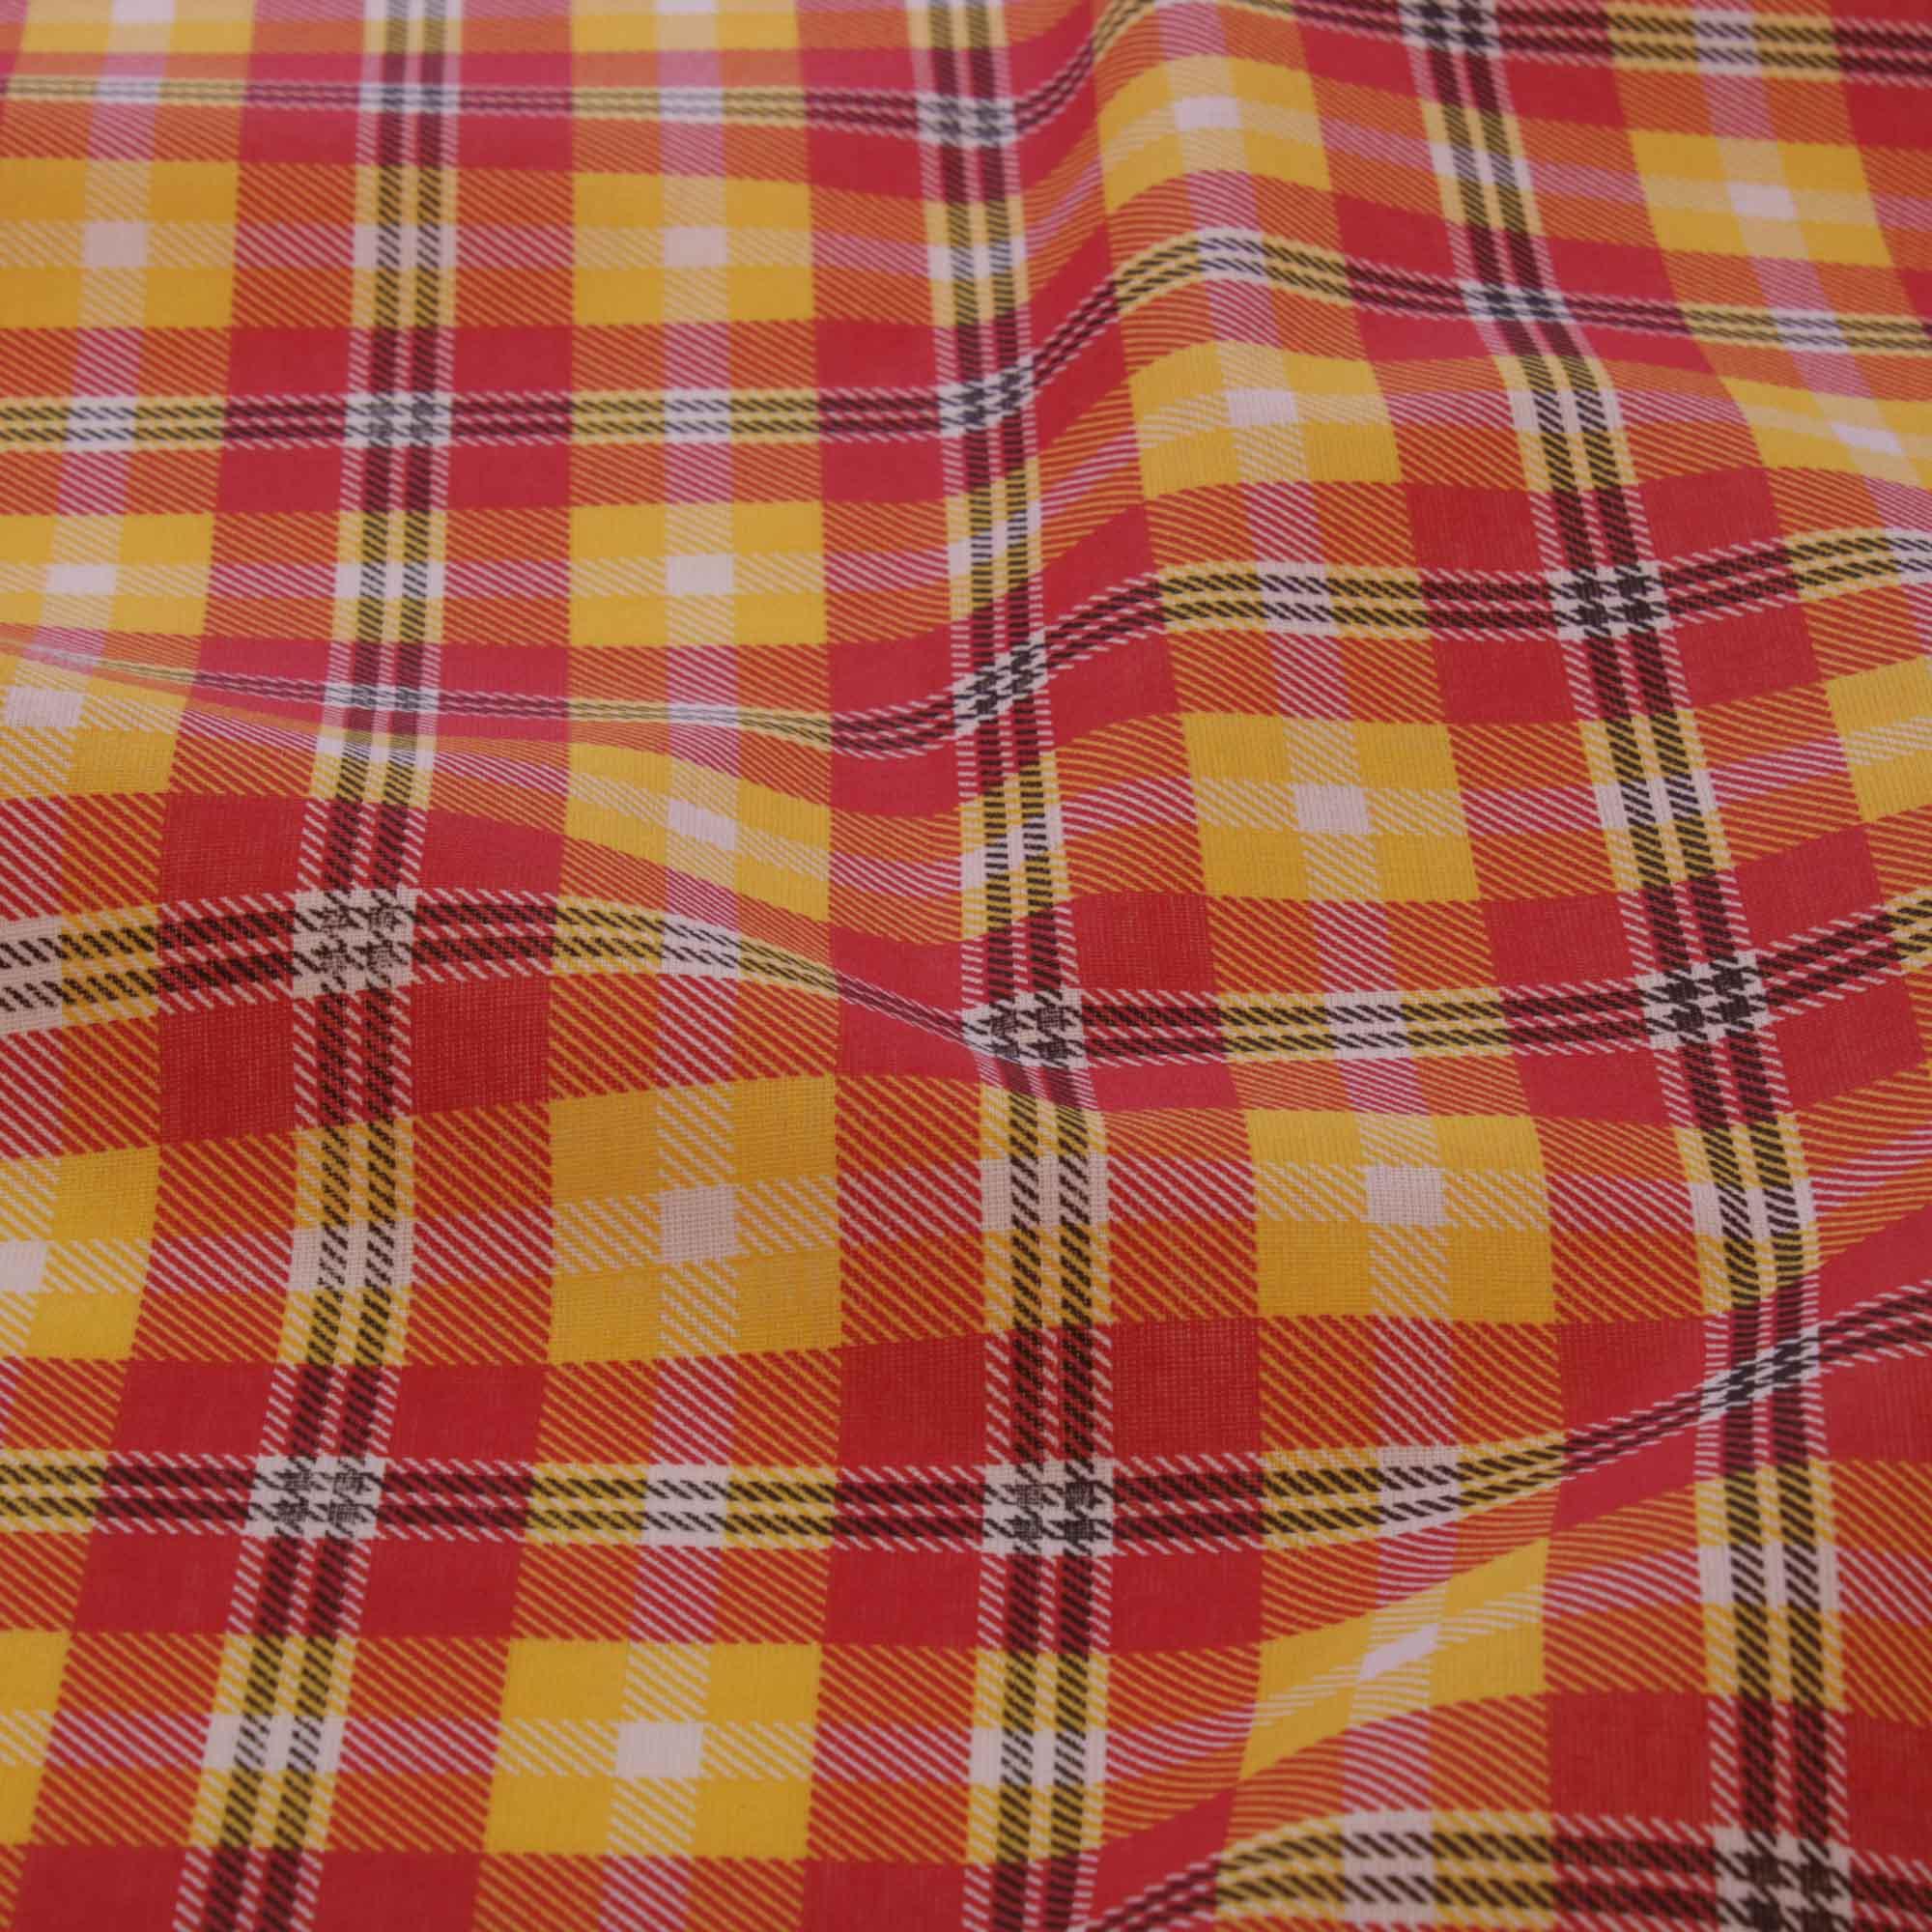 Tecido tricoline estampado xadrez 1,40 m largura amarelo